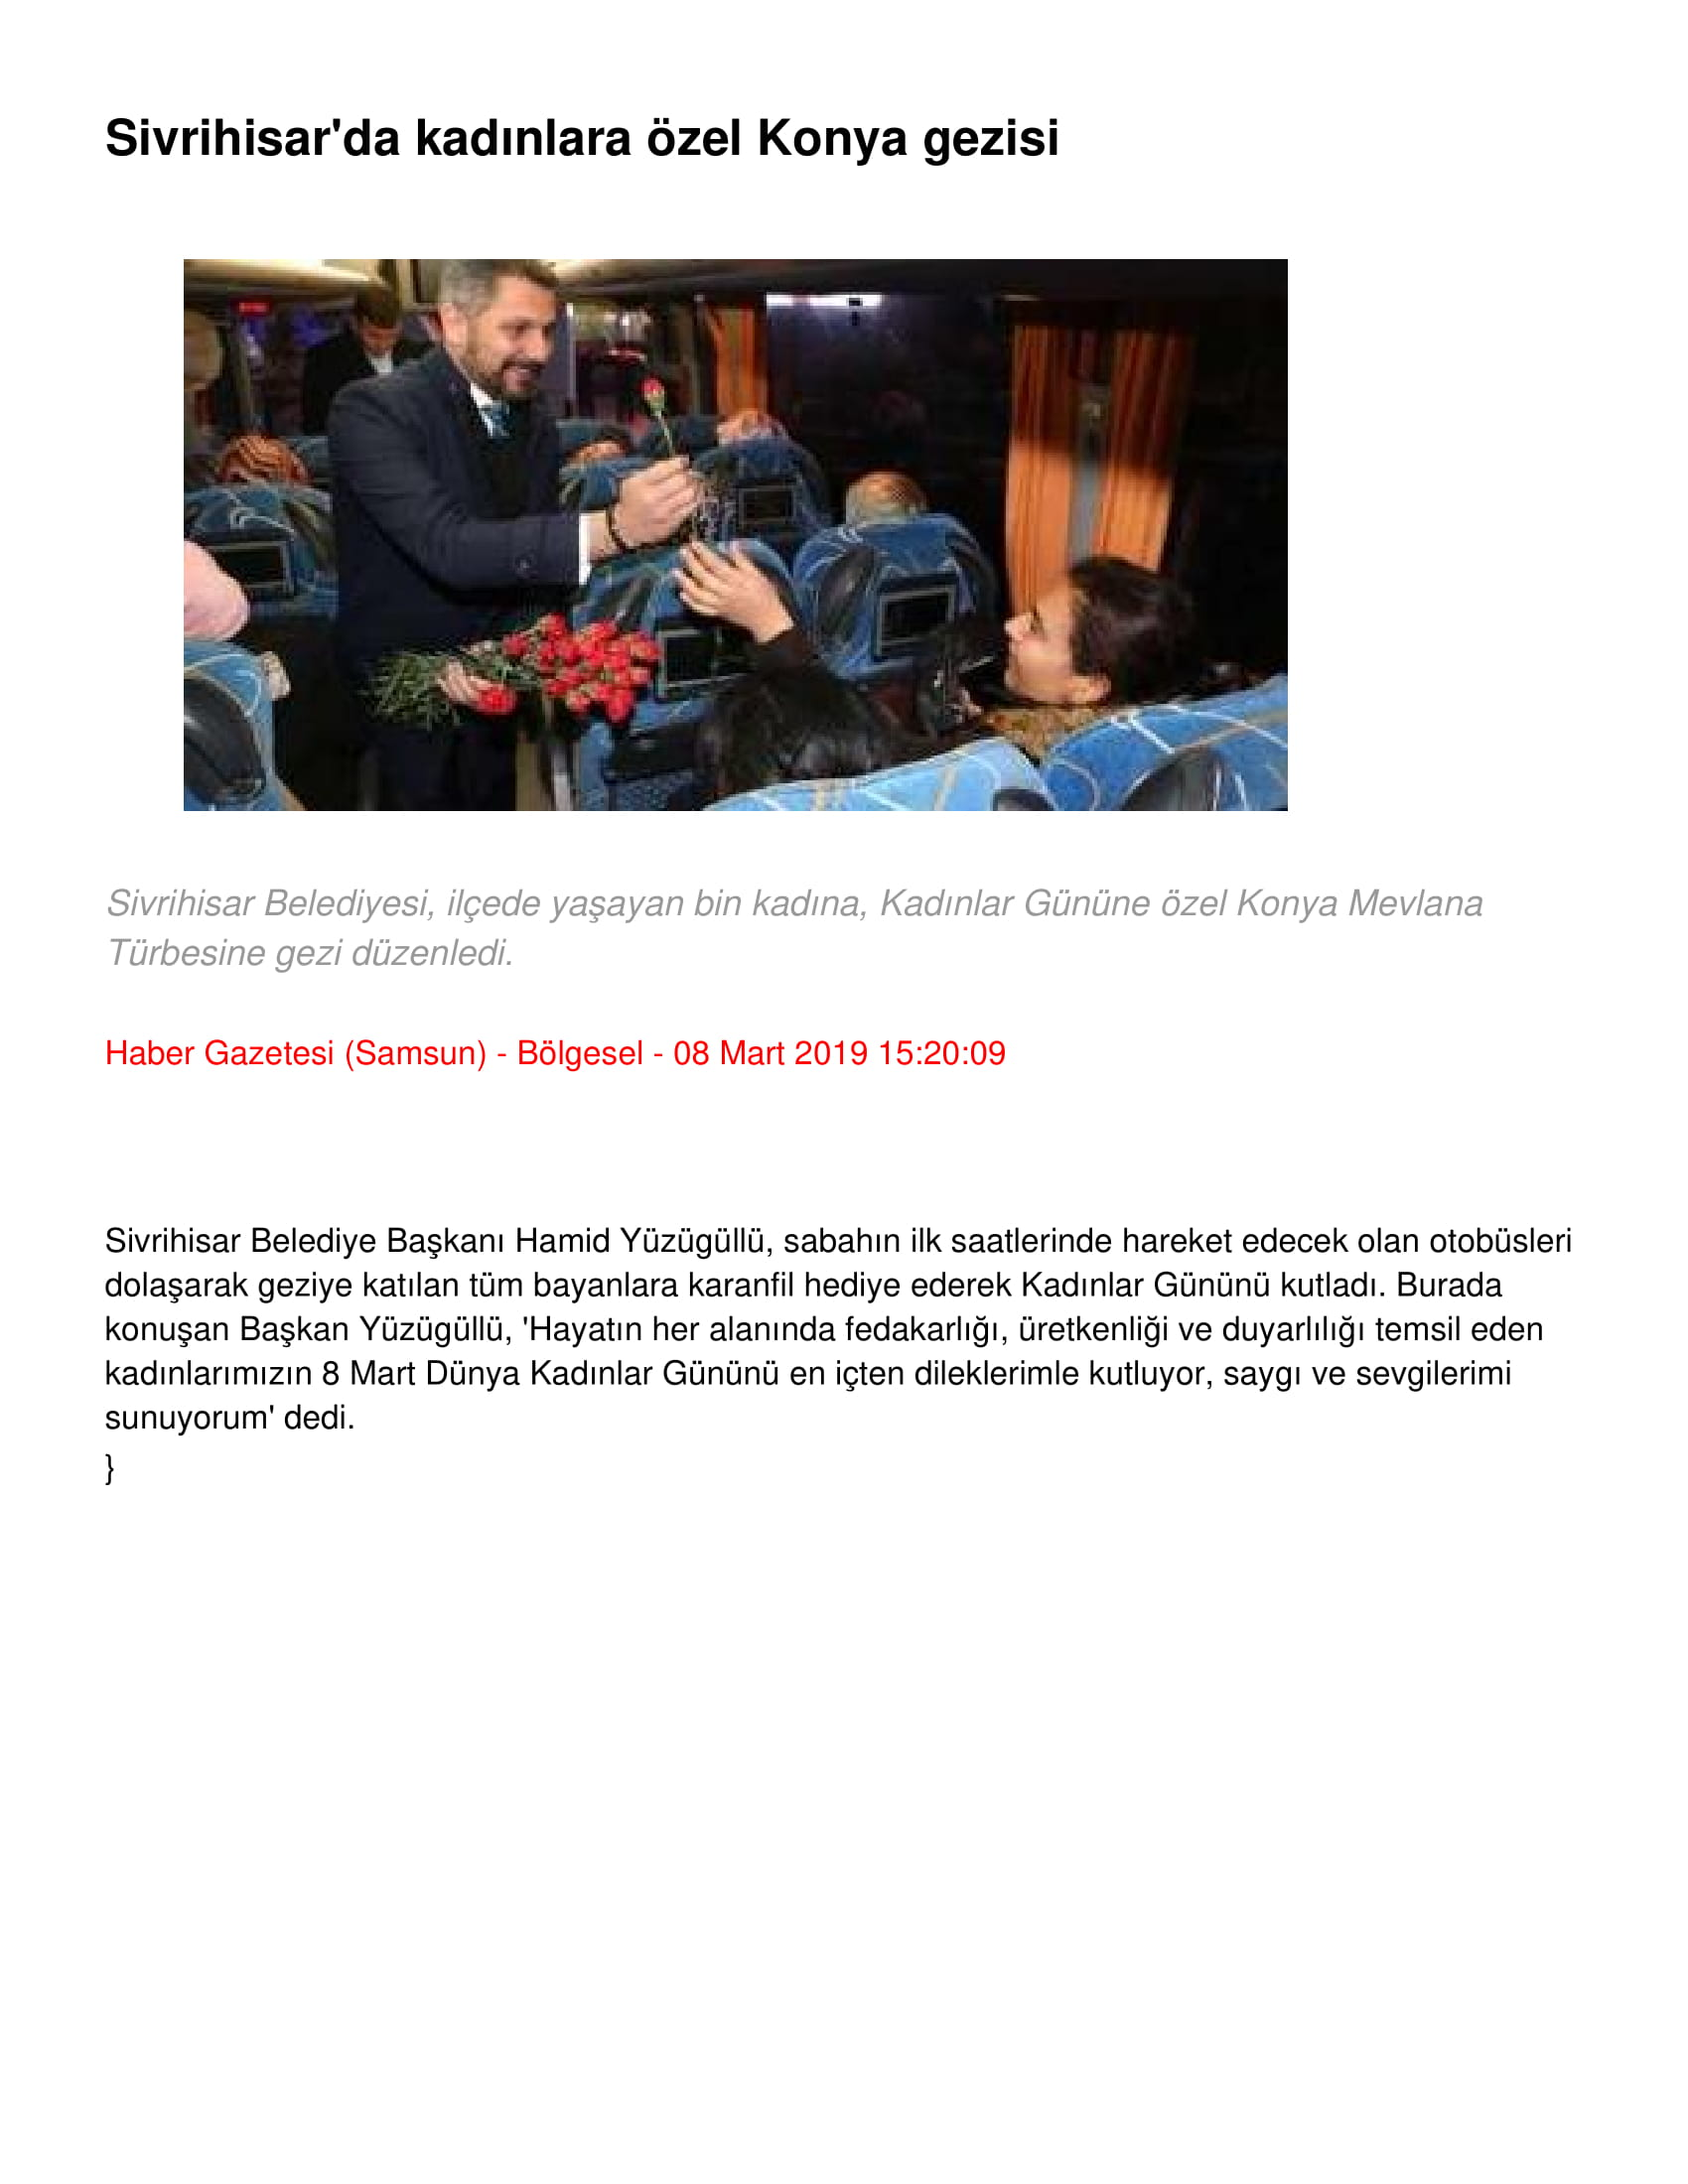 SİVRİHİSAR'DA KADINLARA ÖZEL KONYA GEZİSİ